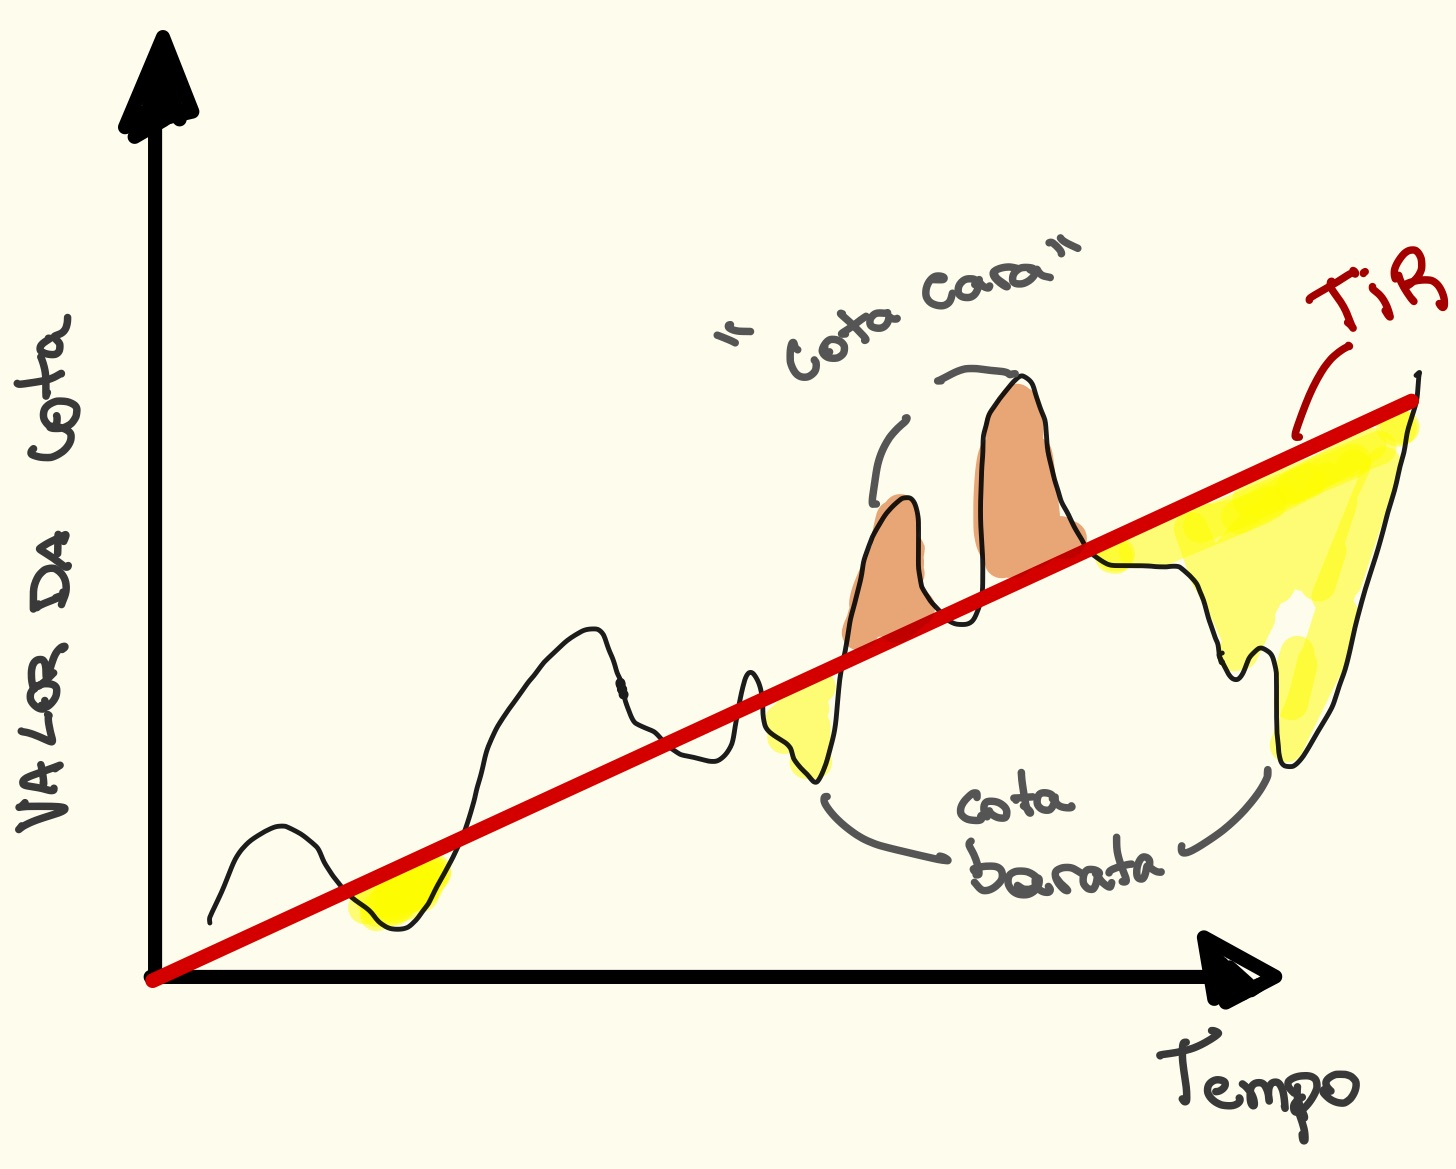 Gráfico apresenta a relação entre Valor da cota e tempo.